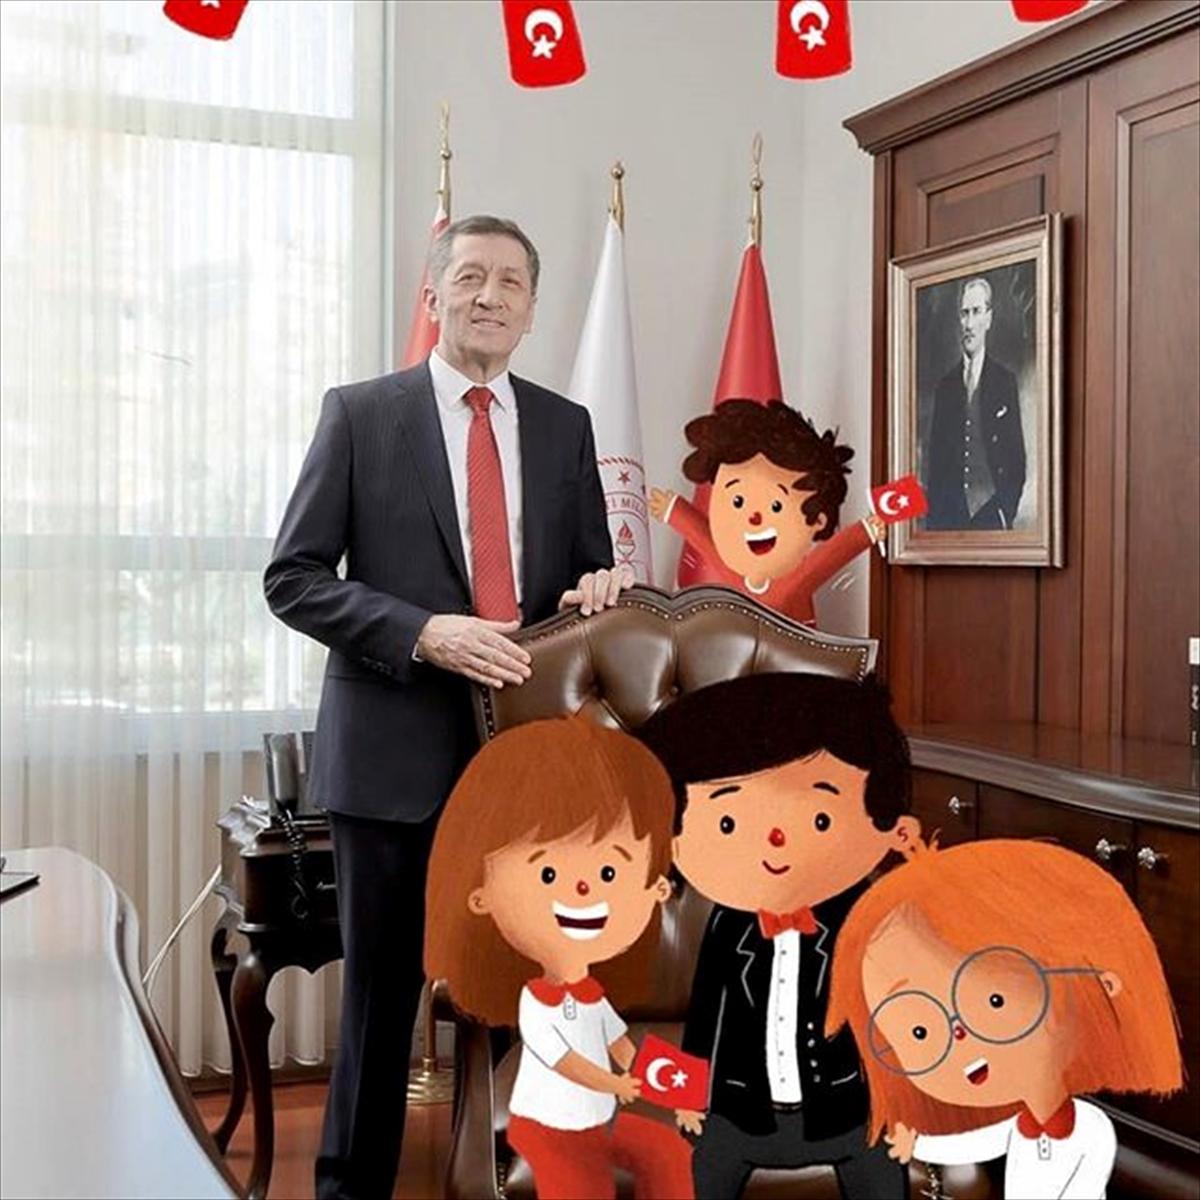 Milli Eğitim Bakanı Selçuk, 23 Nisan için sosyal medya hesaplarını çocuklara devretti